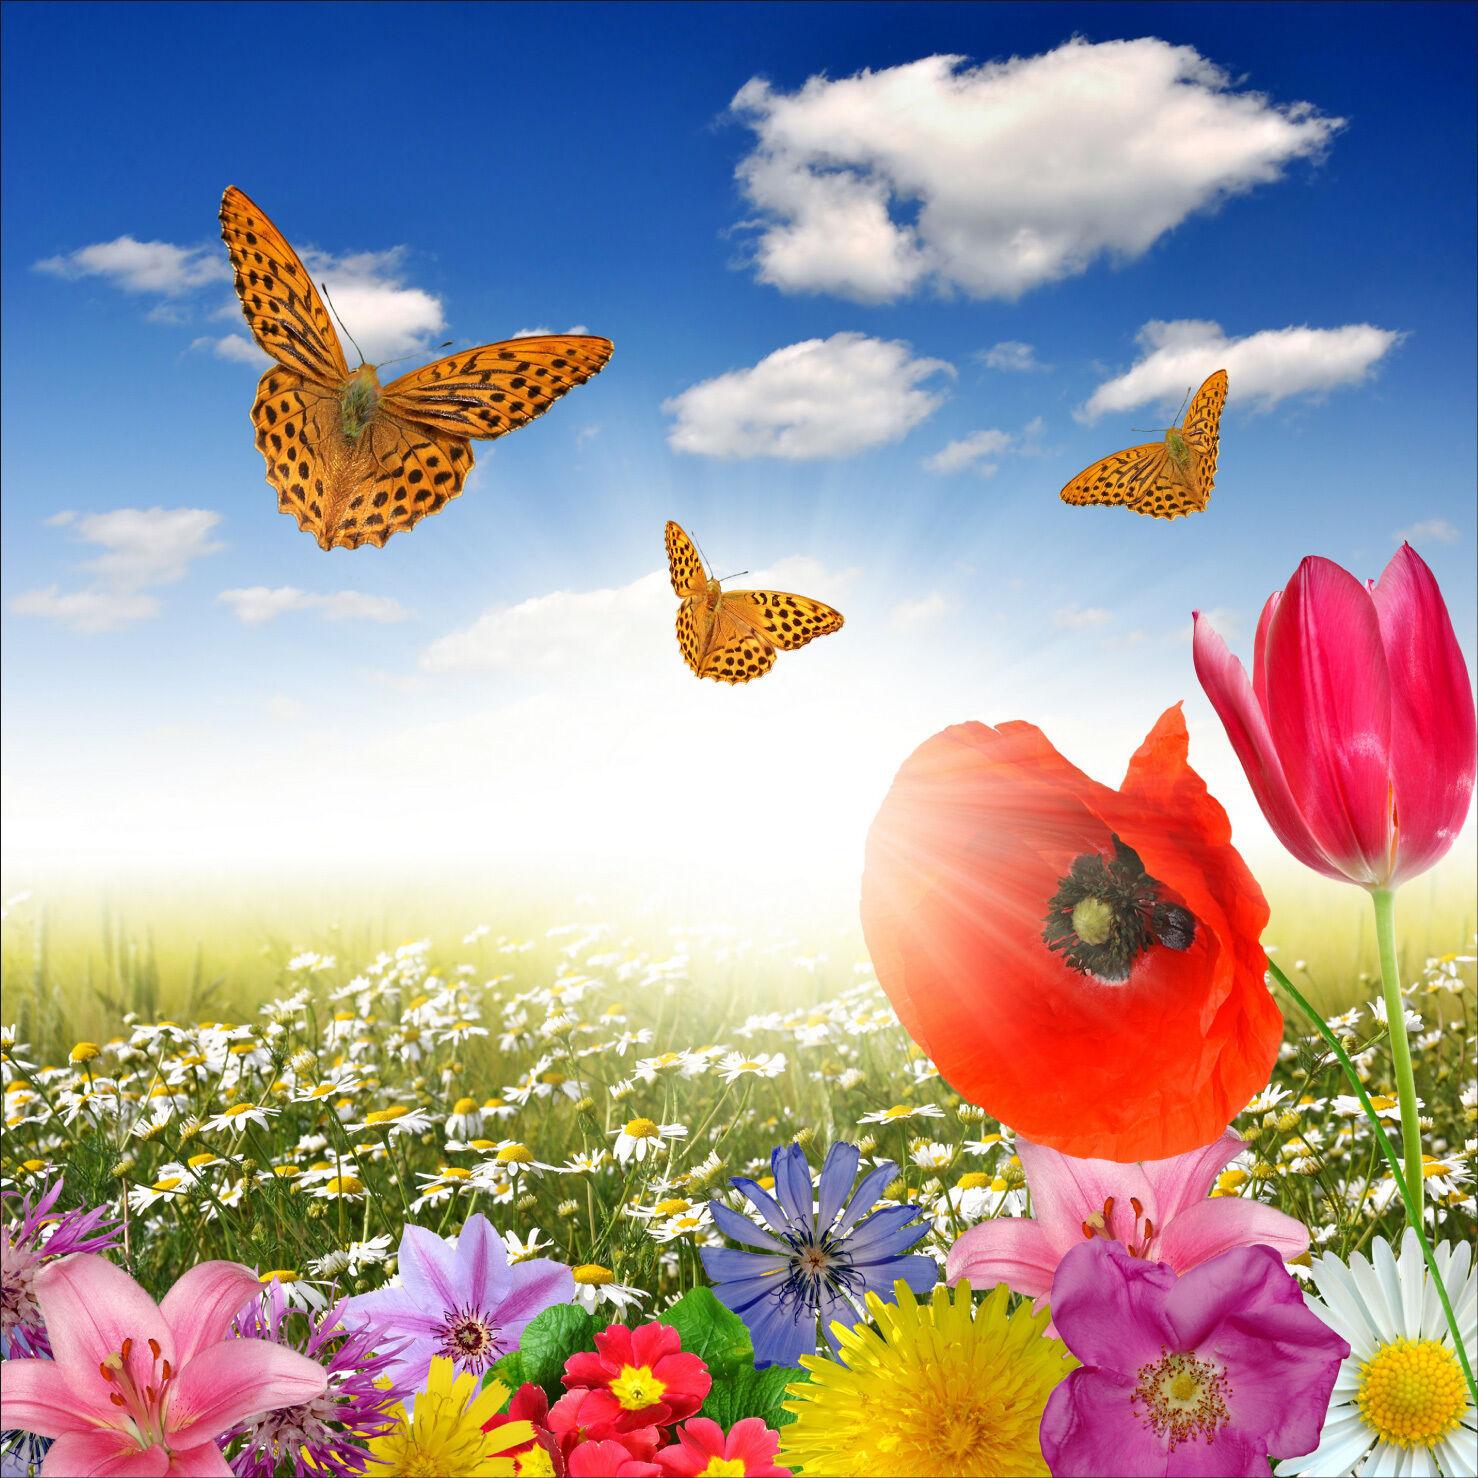 Sticker mural autocollant déco : : : Papillon fleurs - réf 1211 (25 diHommes sions)   De La Mode    Brillance De Couleur    élégante  c3dee1